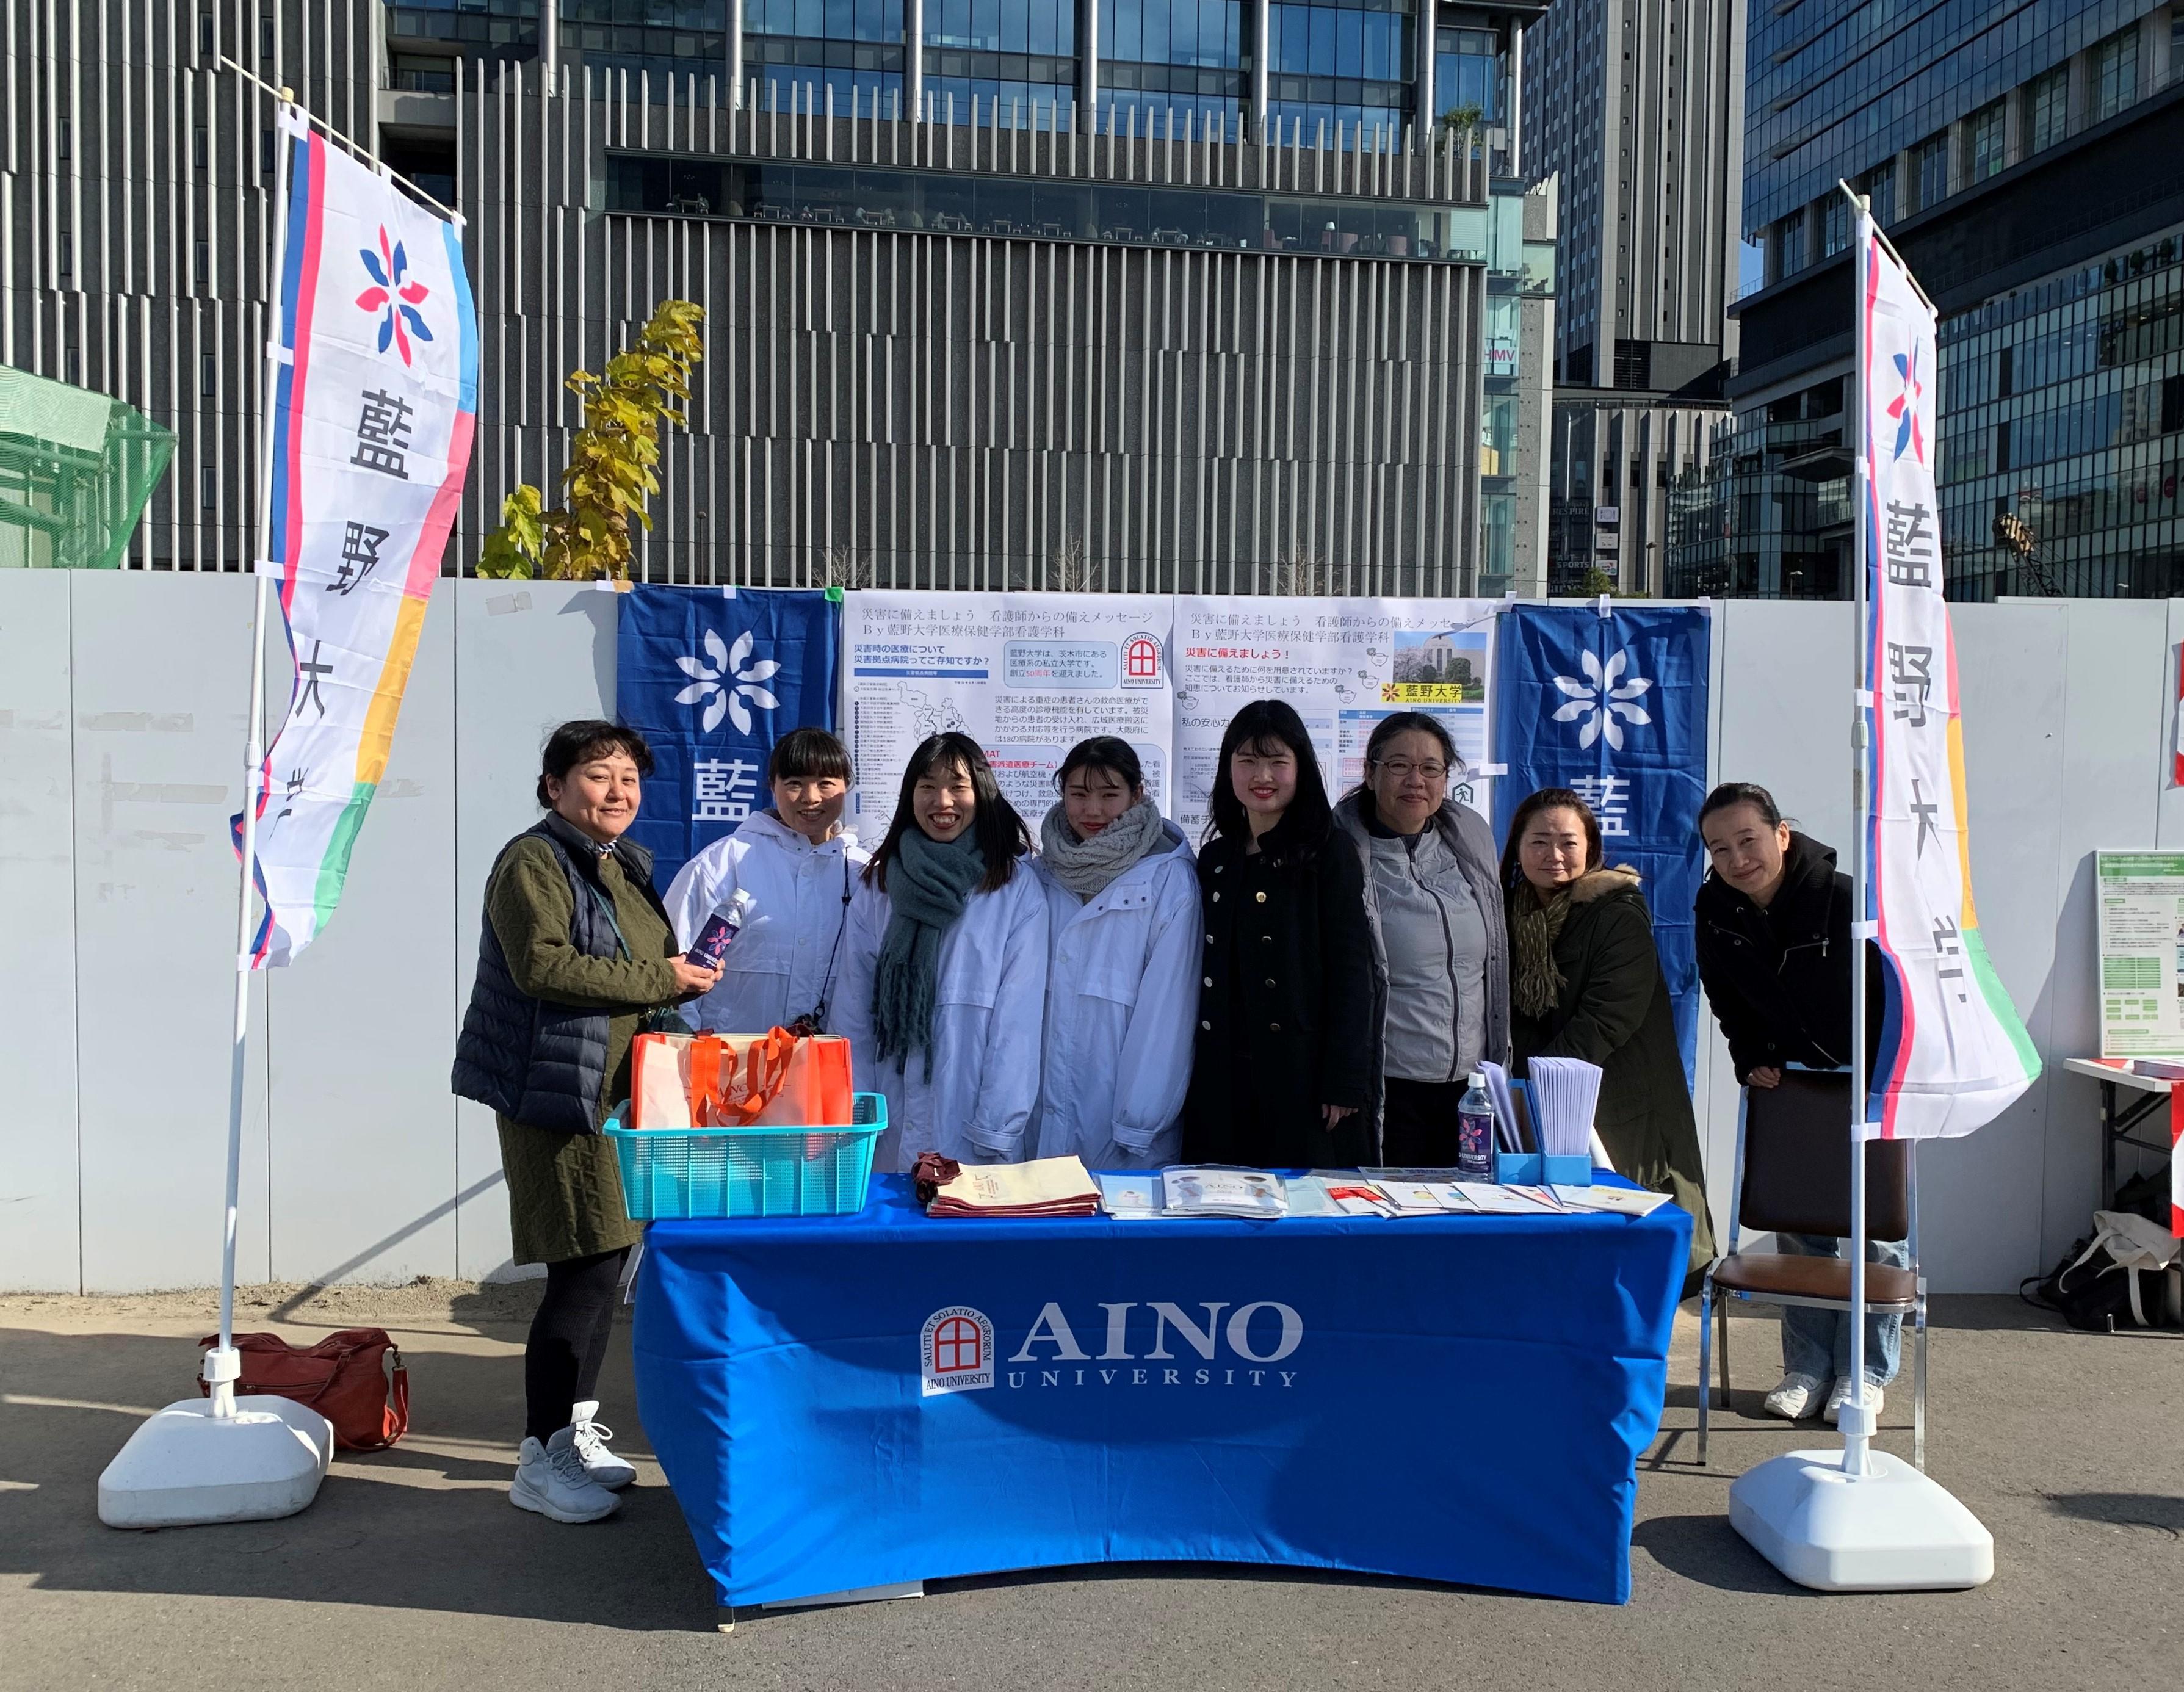 大阪の巨大ターミナル''梅田''でもし災害が起こったら?「梅田の中心で防災を考え!体感する! UMEDAI防災イベント2019」に参加しました。